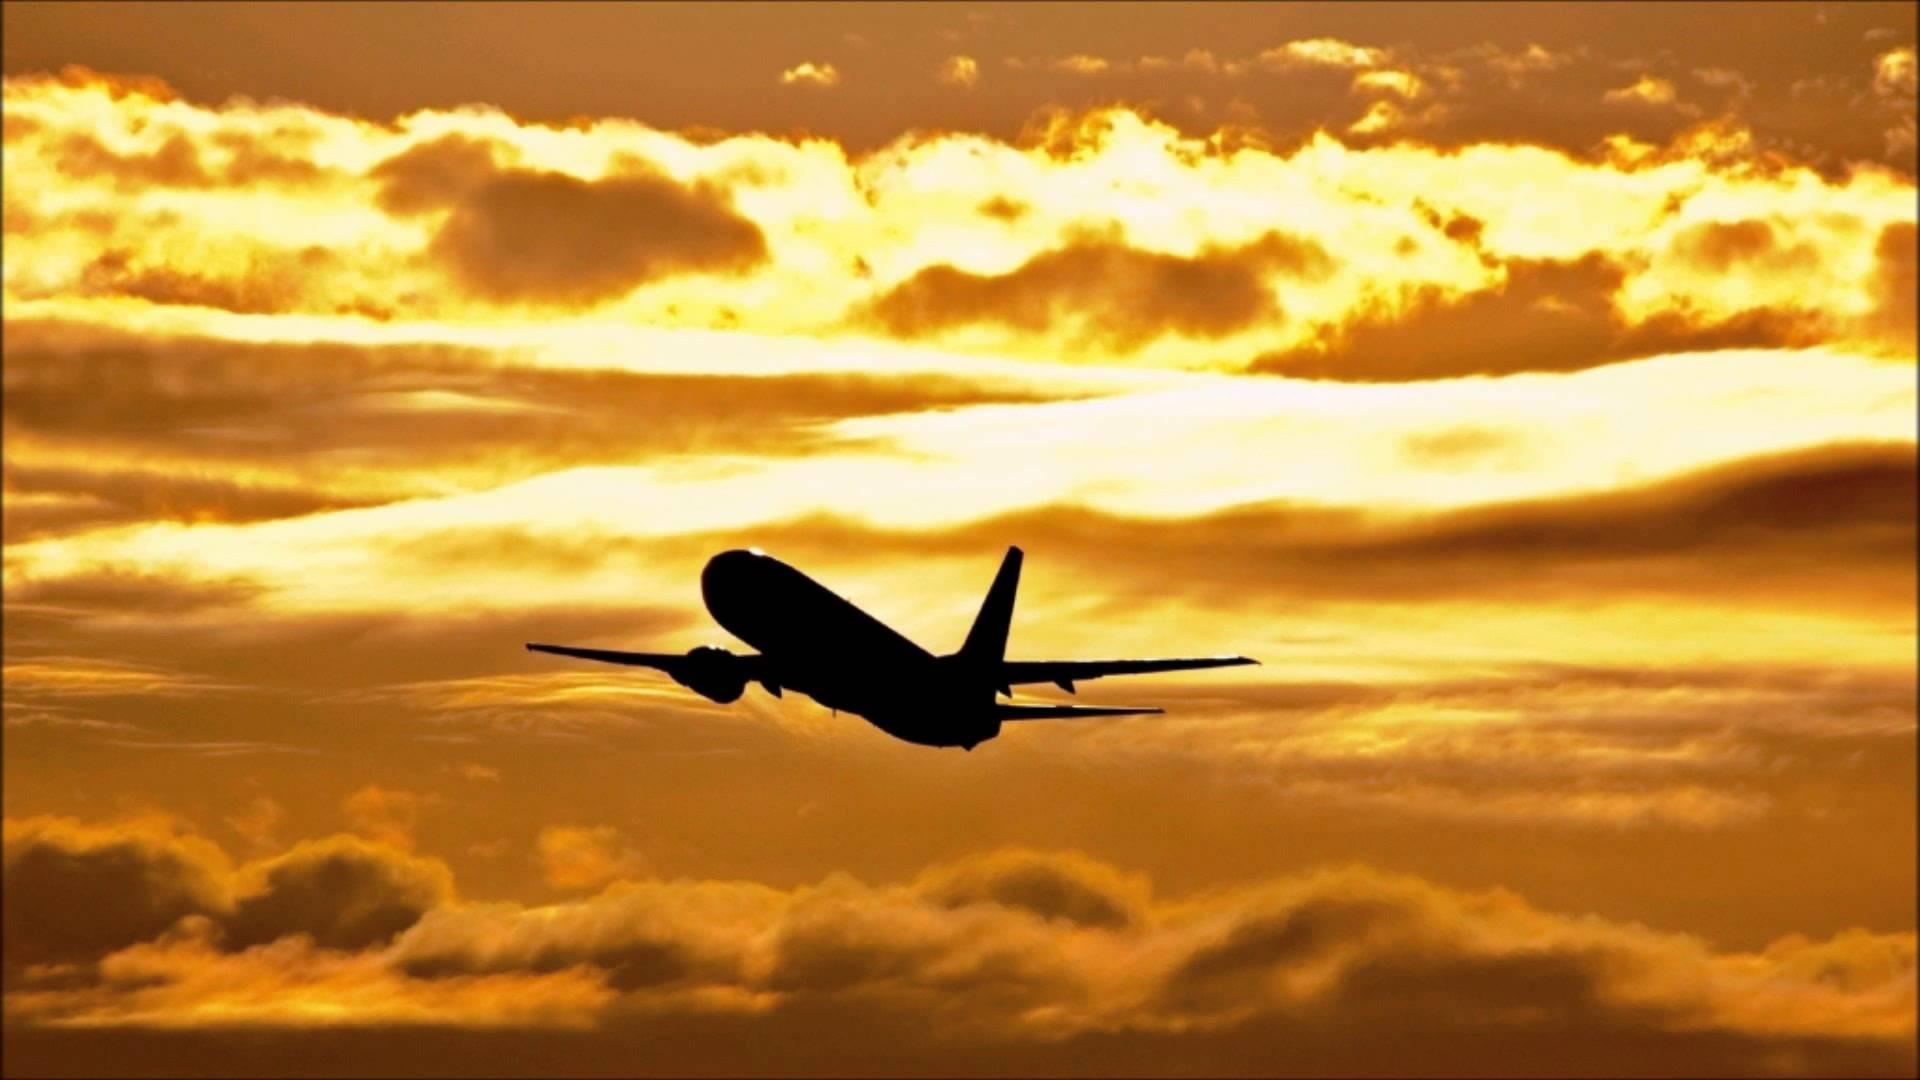 Flying away photo